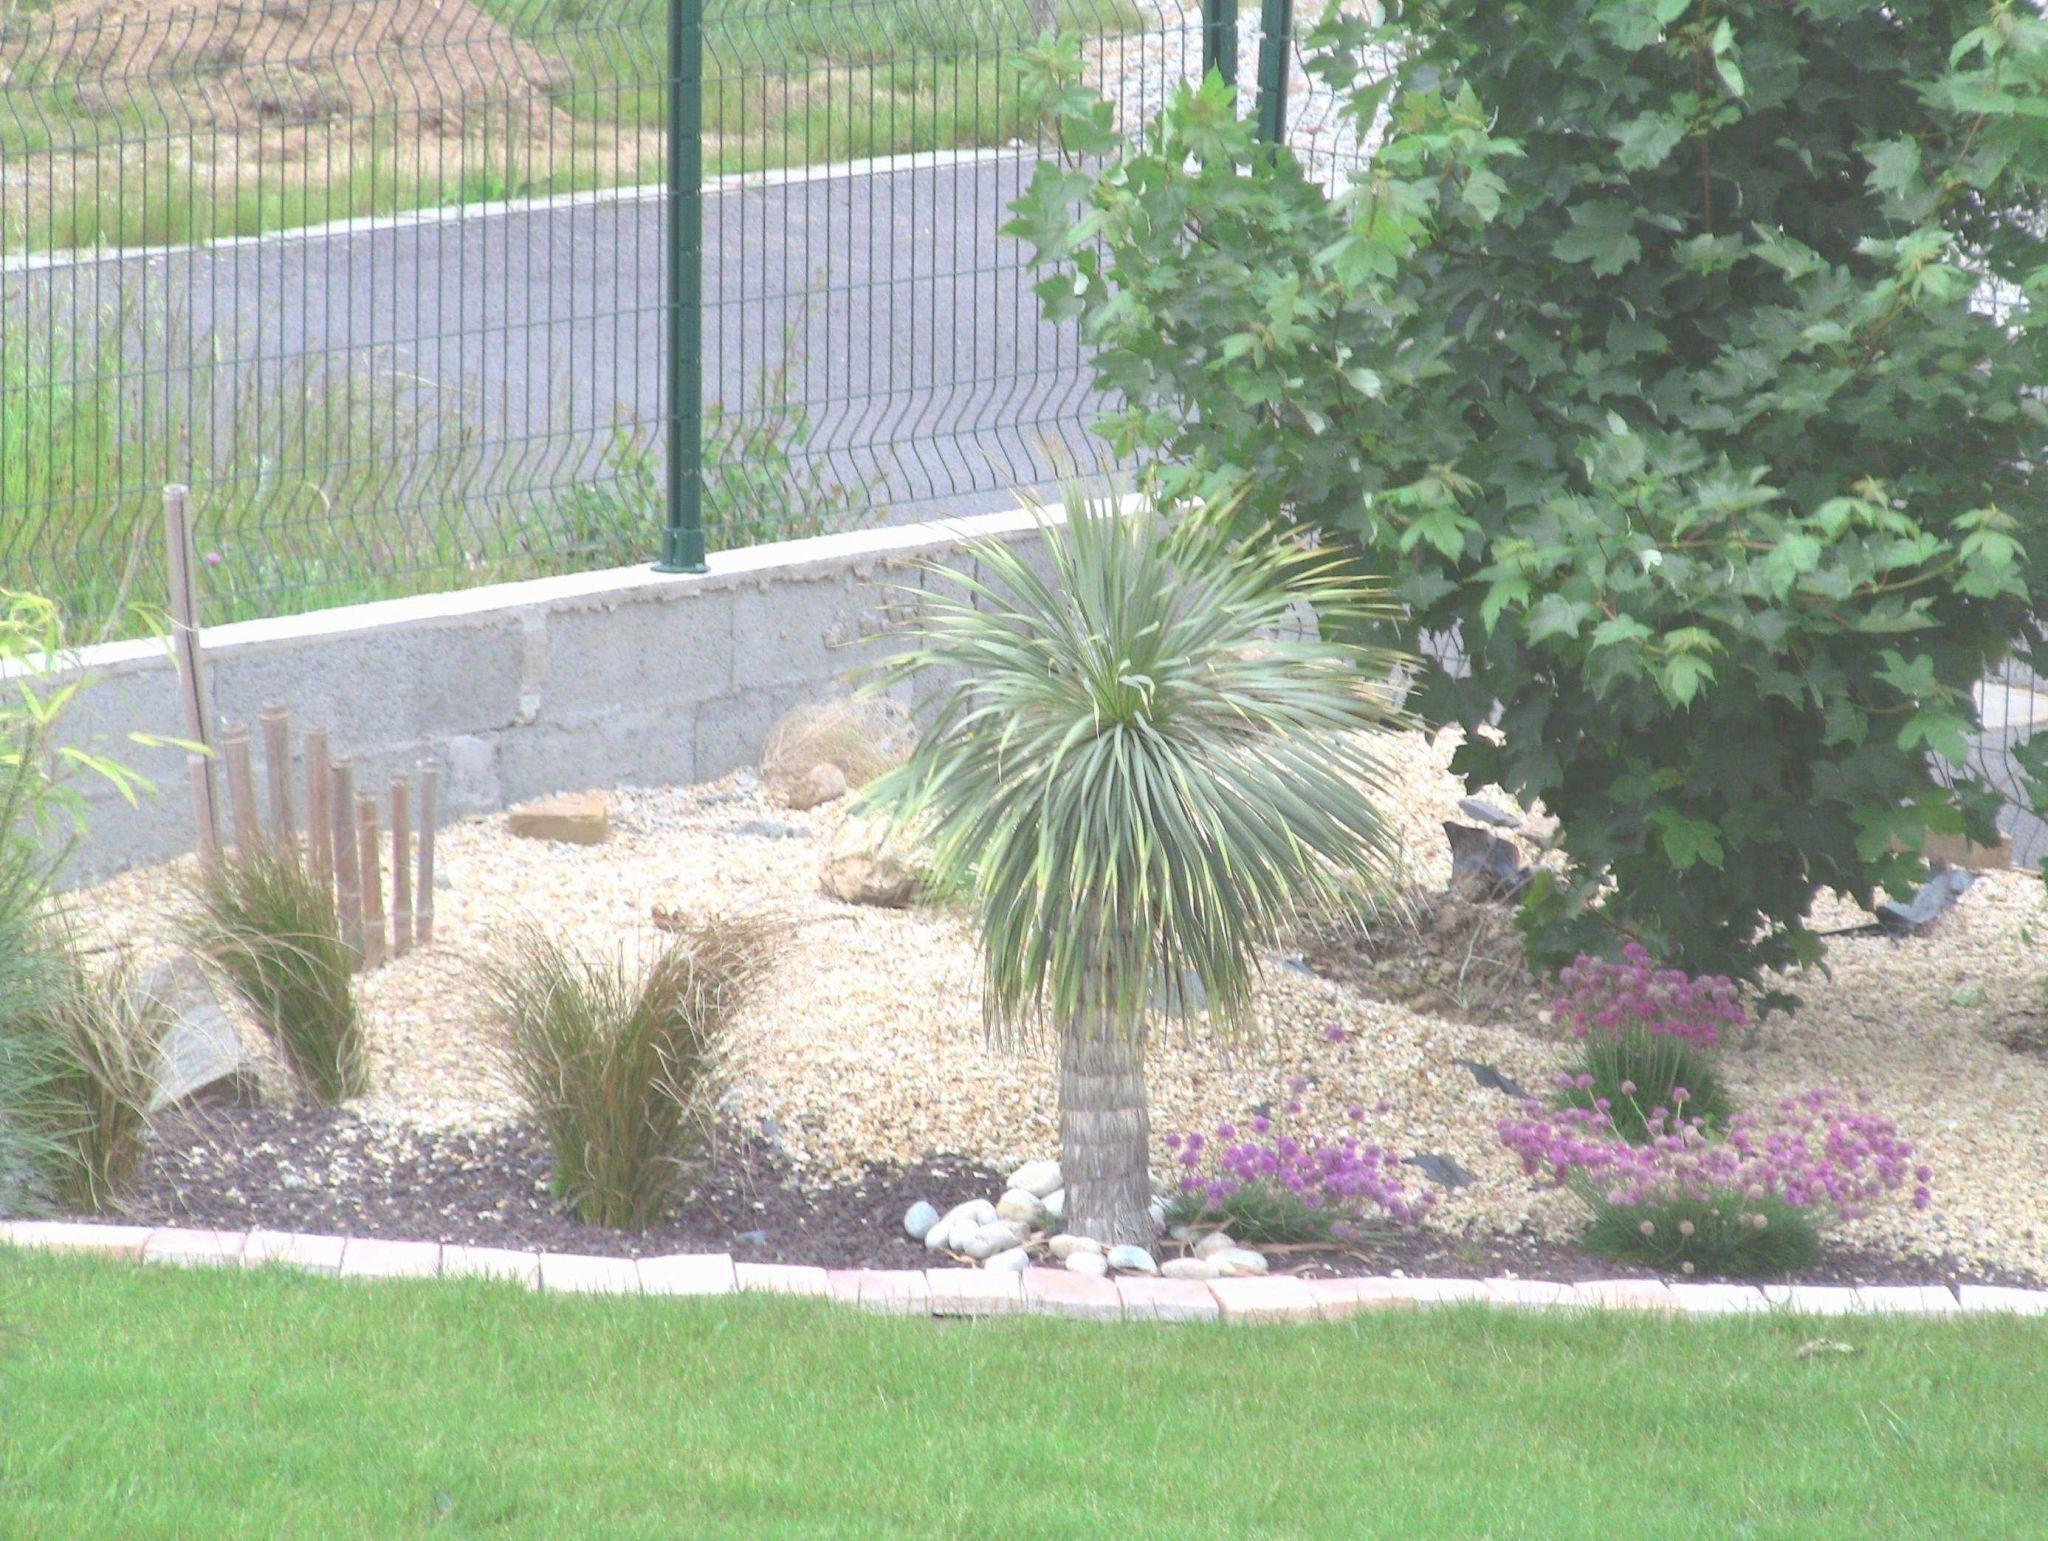 Jardin Arcadie Luxe Cloture Pour Jardin Unique Cloture De Jardin Moderne Les